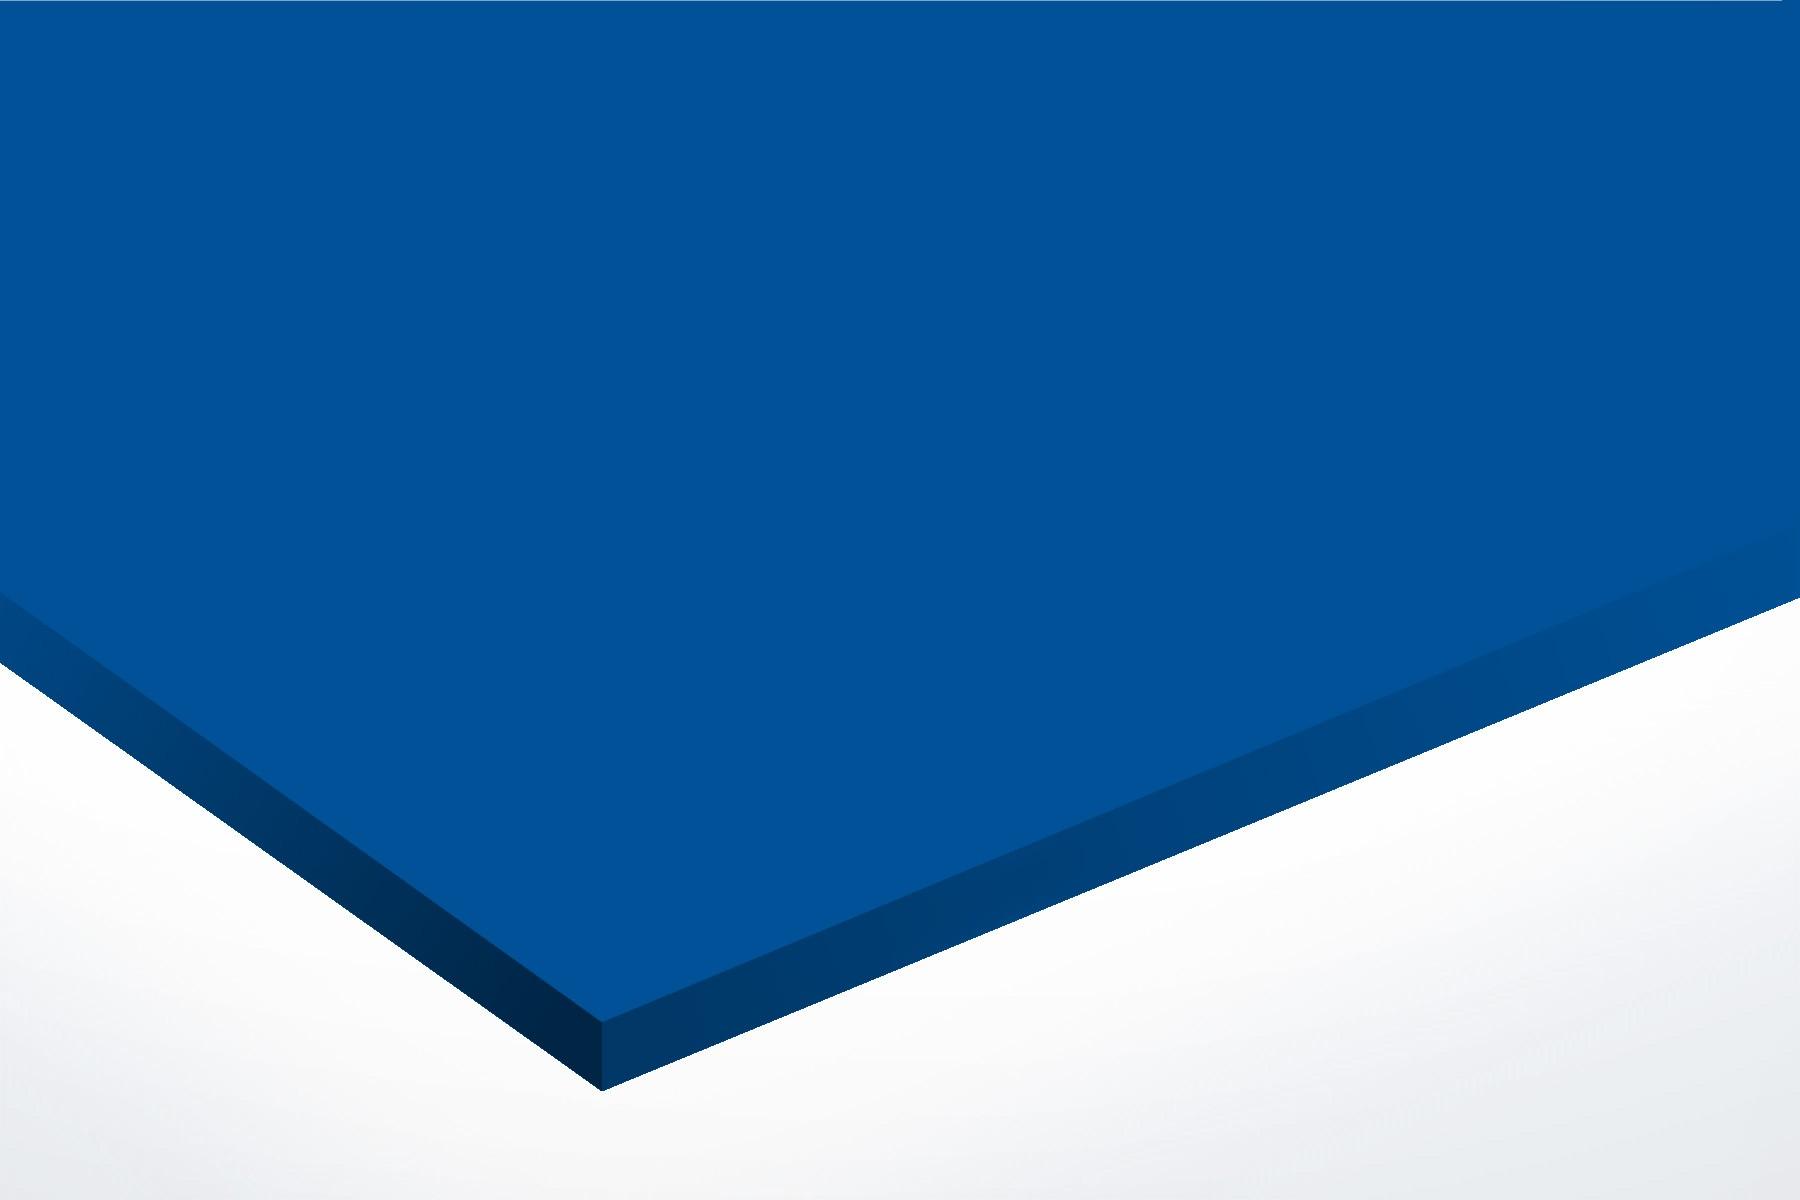 Anodised Aluminium Blue, Matt, 1mm x 1000mm x 500mm